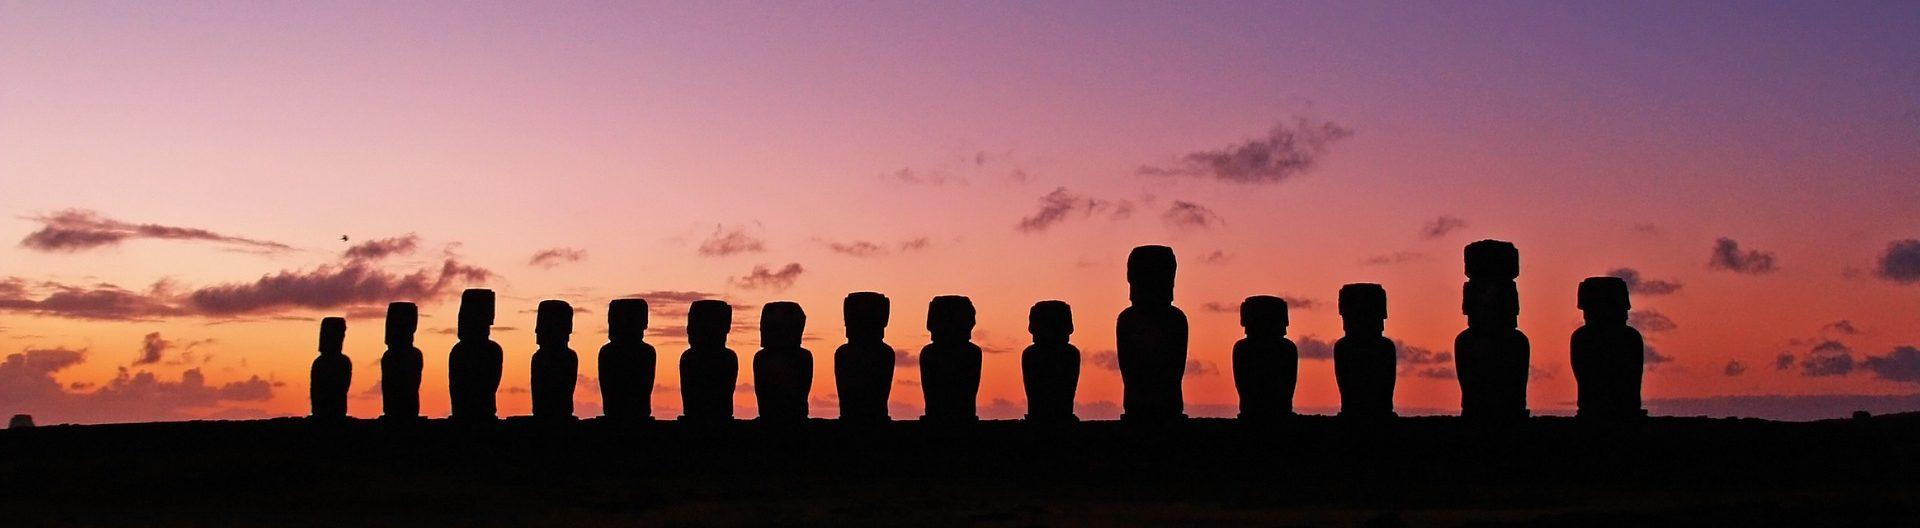 Húsvét szigeteki kőszobrok sziluettje naplementében